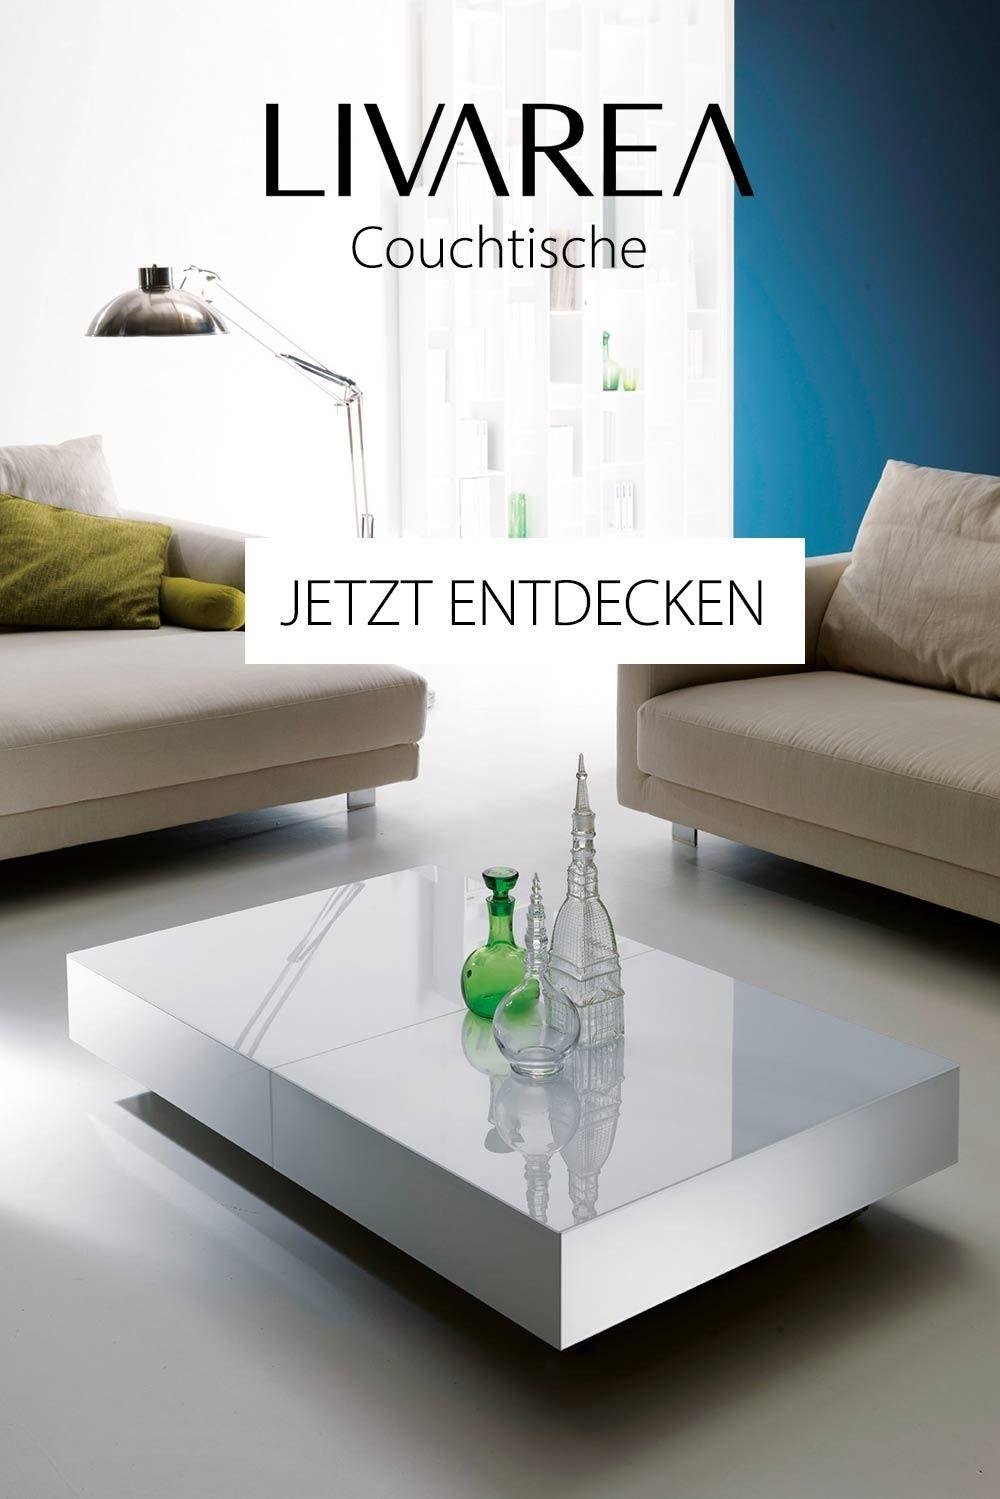 Couchtische In 2020 Couchtische Couch Tisch